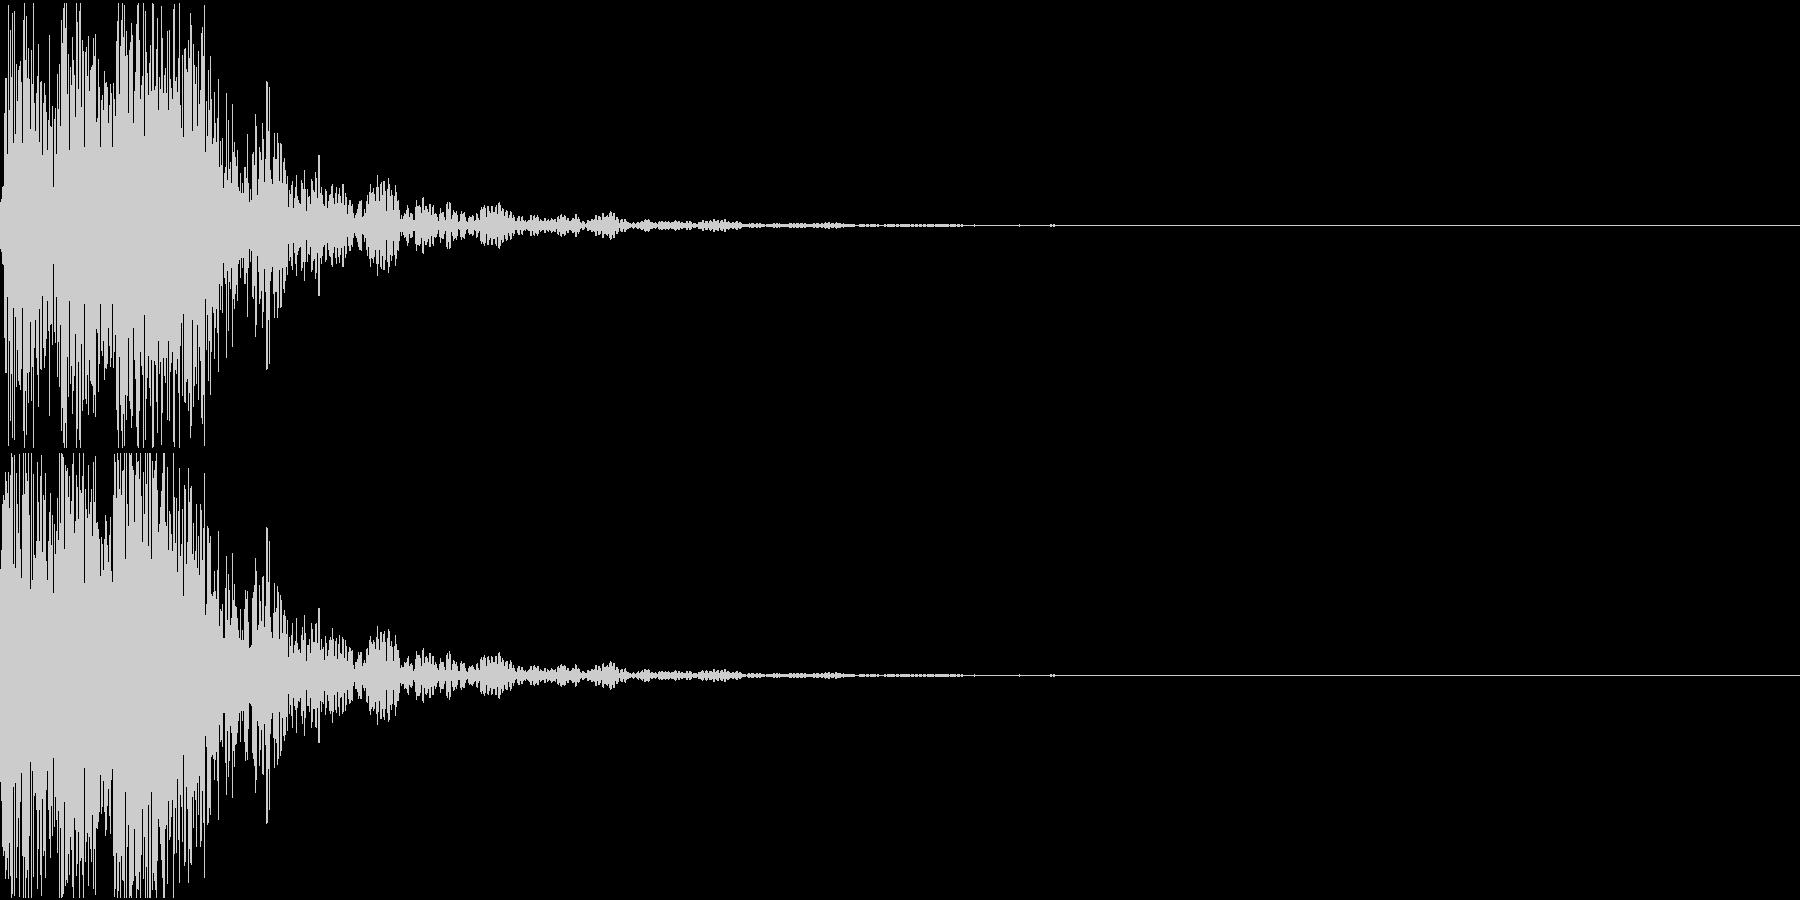 [[デレレン↓]] 和太鼓、箏、三味線の未再生の波形